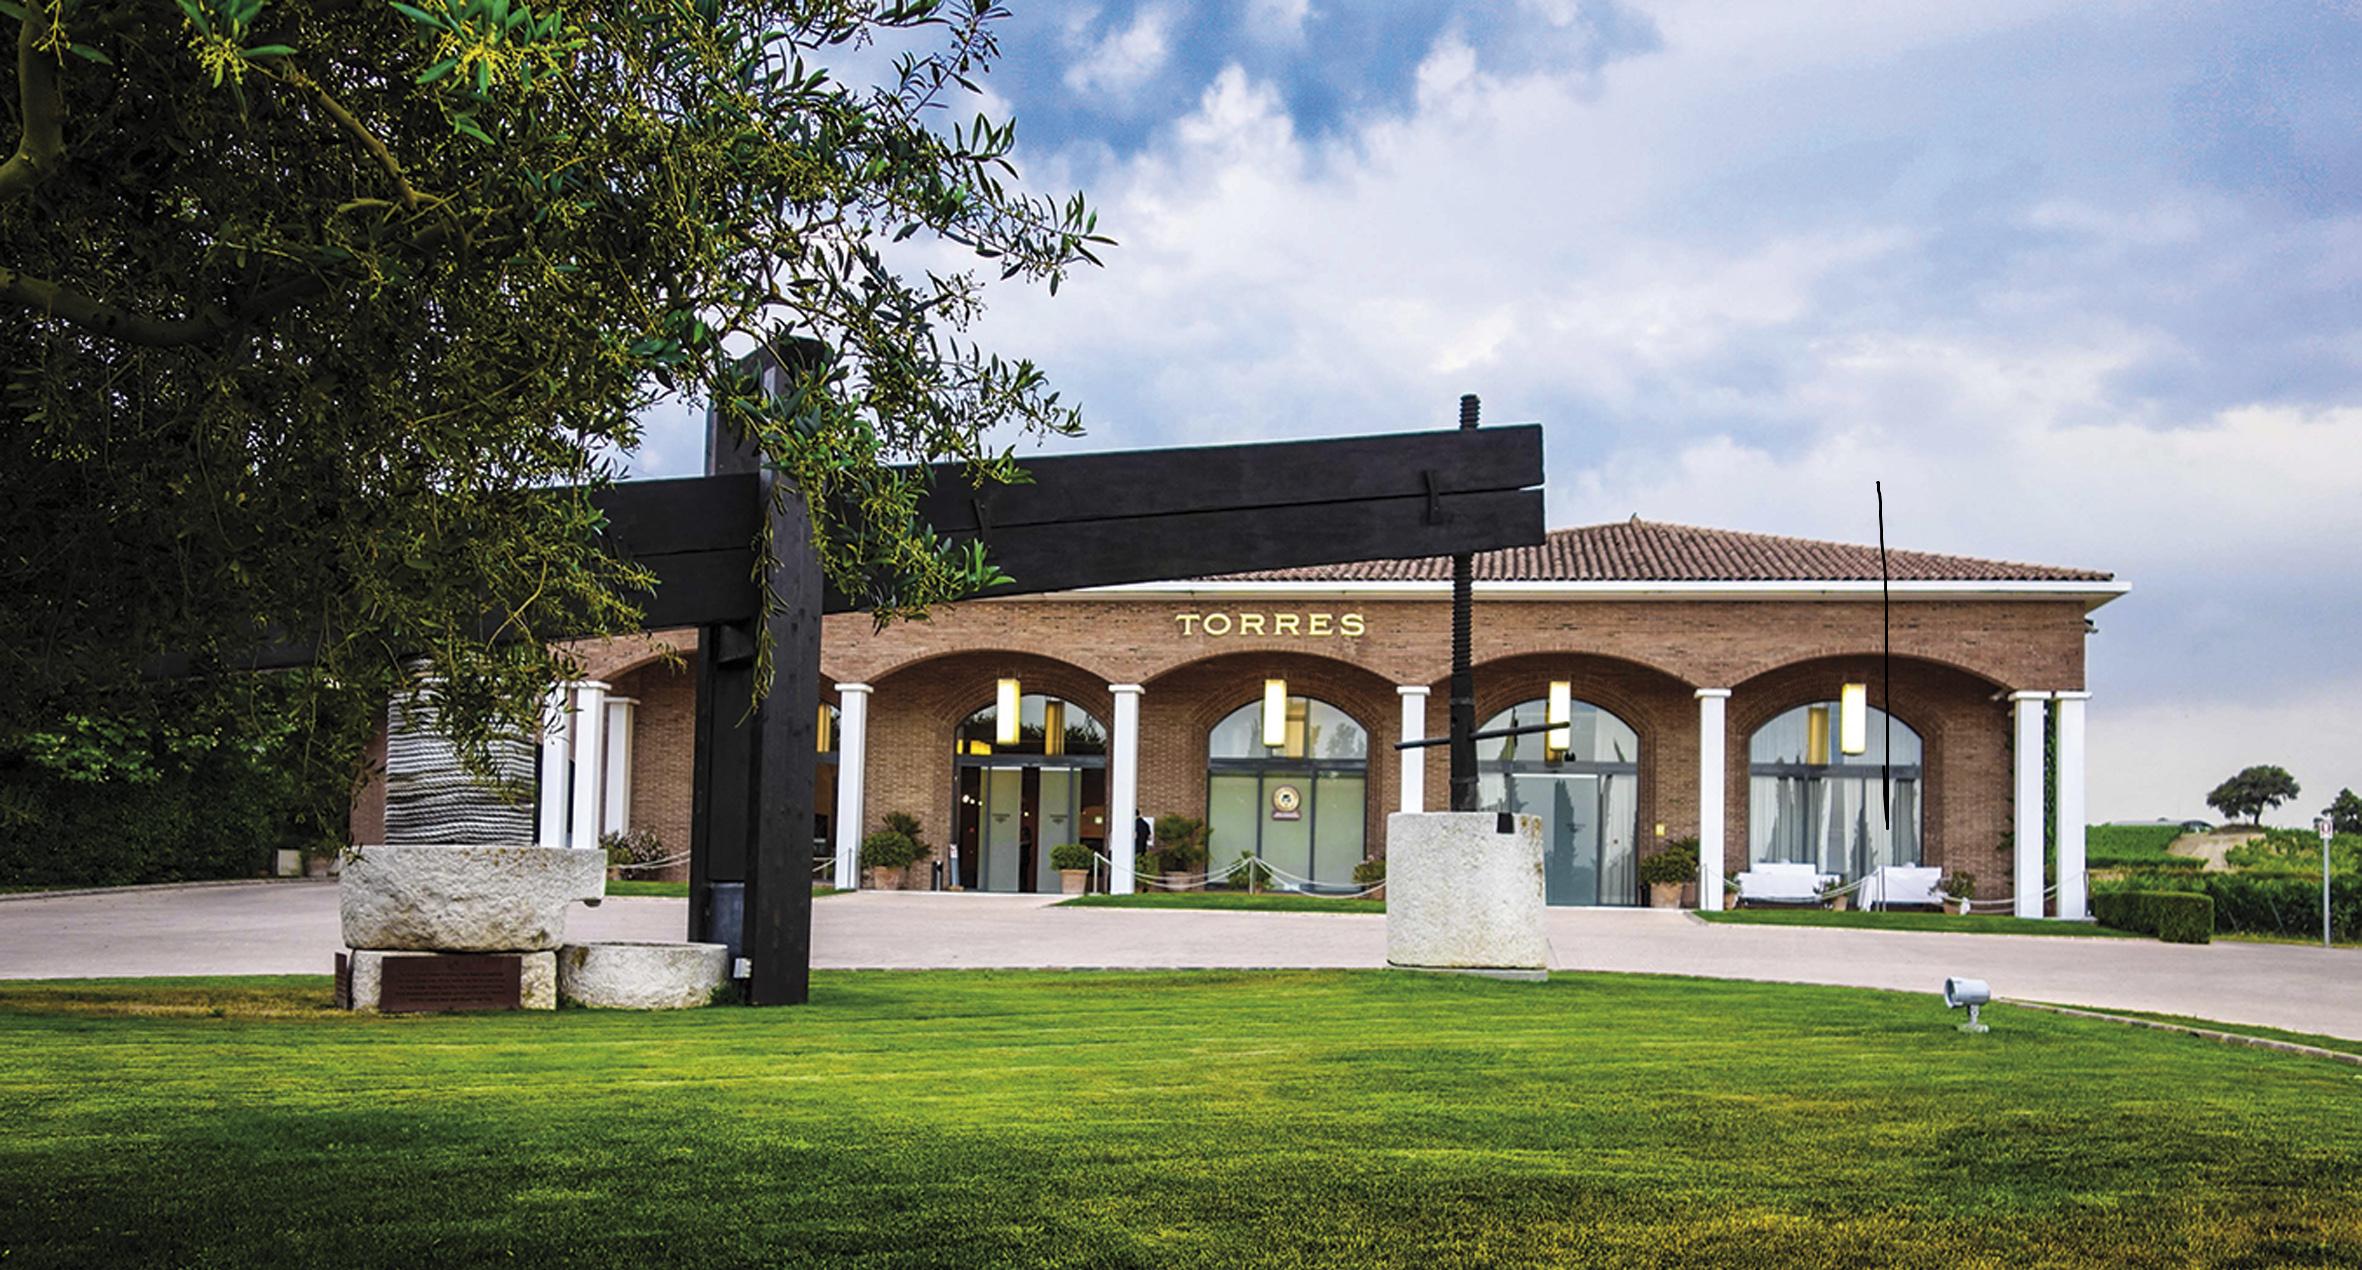 Torres - Visit Center-Vilafranca del Penedès